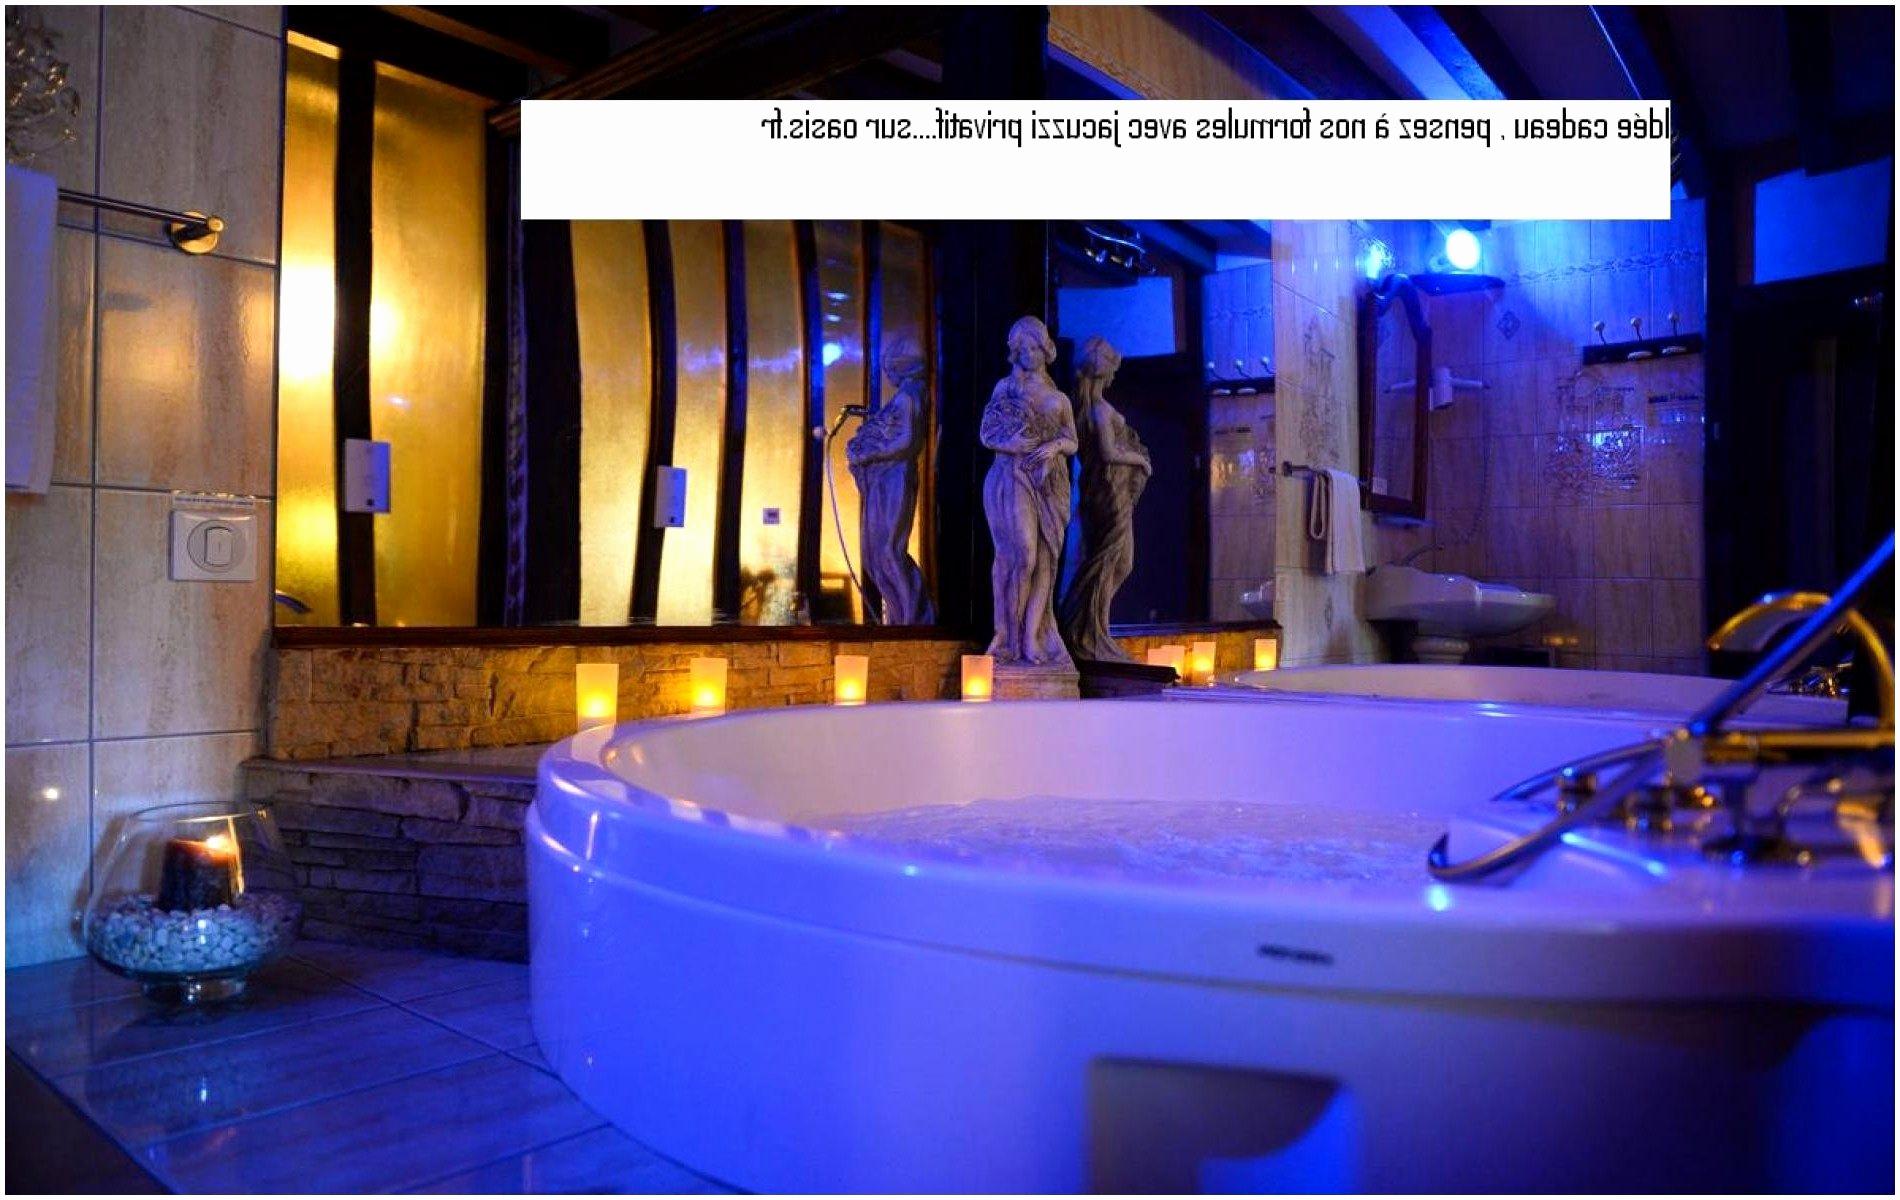 Luxe Hotel Avec Piscine Bretagne Pas Cher – Unancha destiné Chambre Avec Jacuzzi Privatif Bretagne